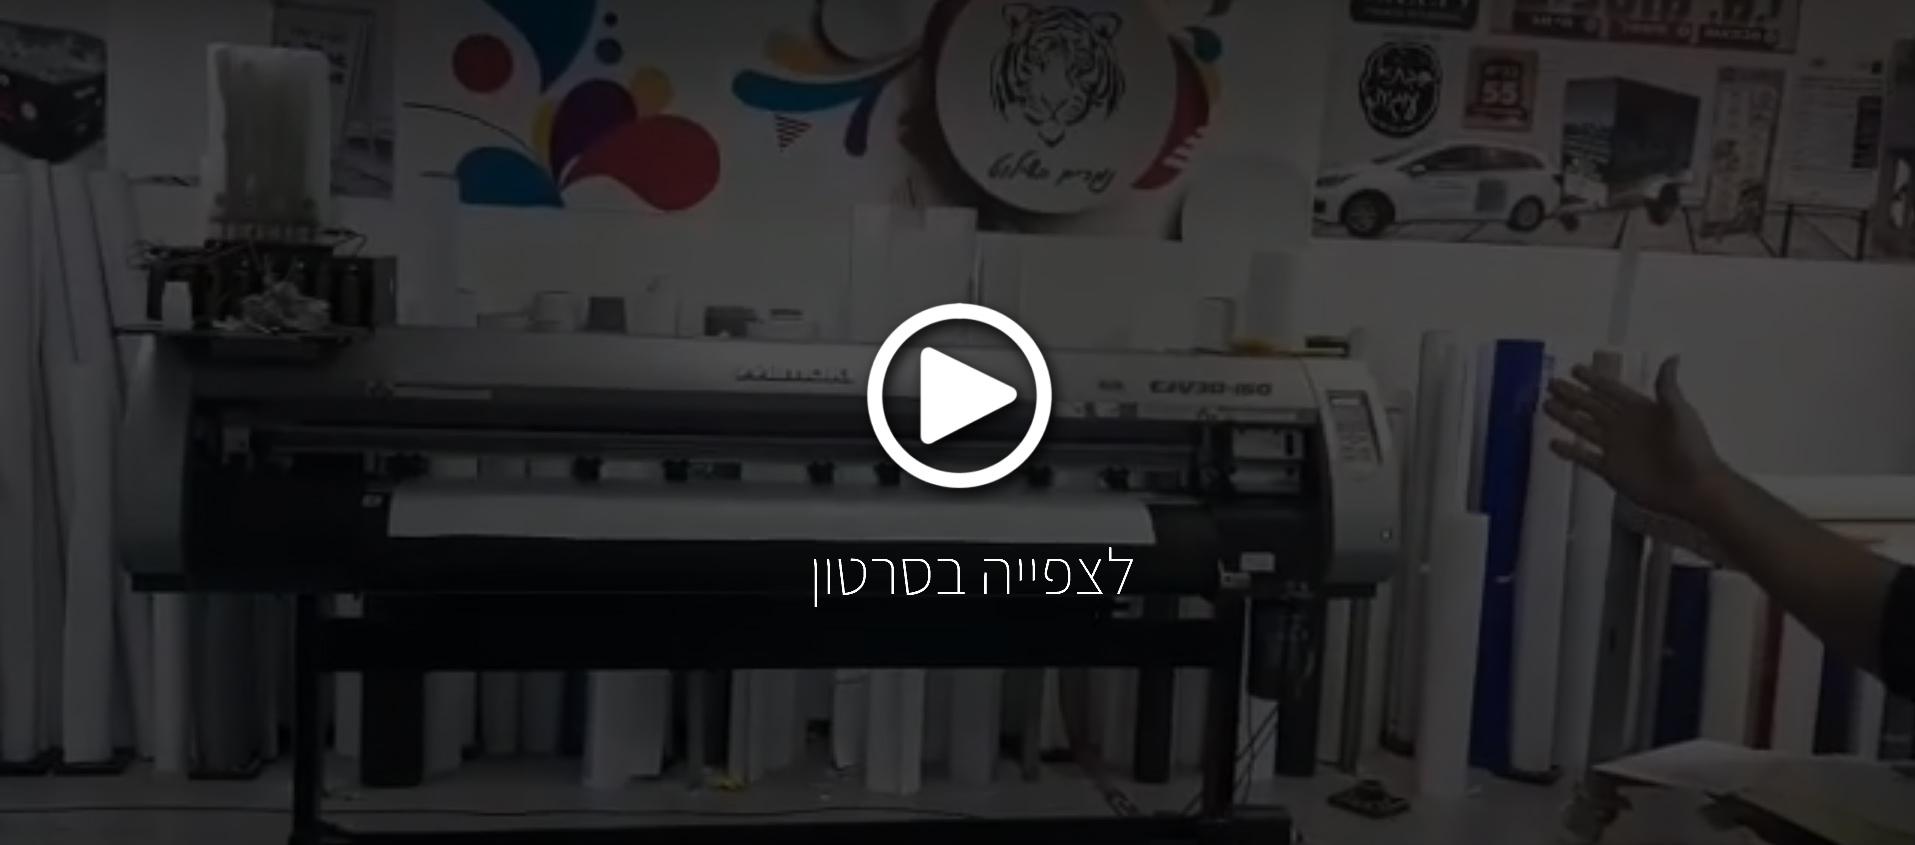 שלטי נתניה- מדפסות uv